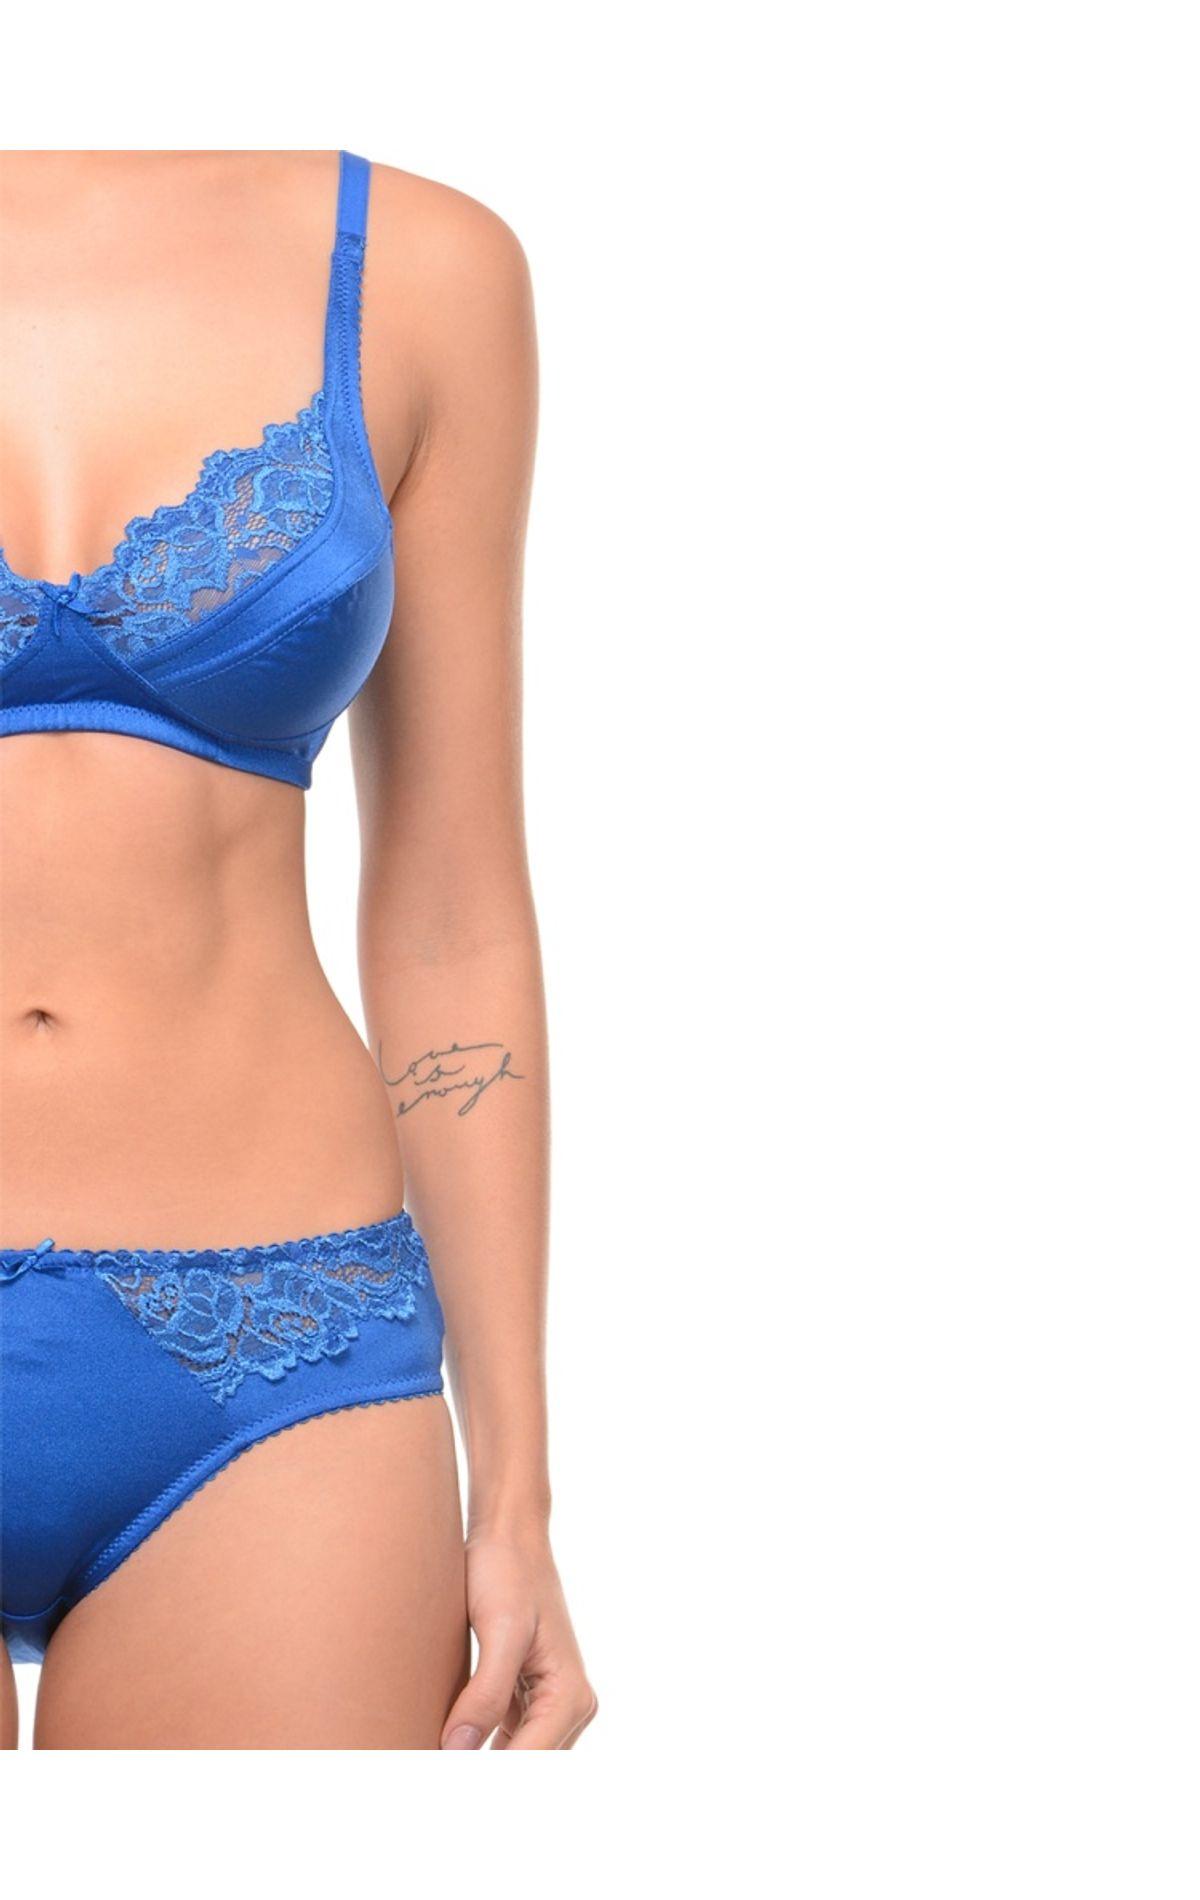 Bodycare Bridal Blue color Bra   Panty Set in Nylon Elastane-6409RBL 97c197153